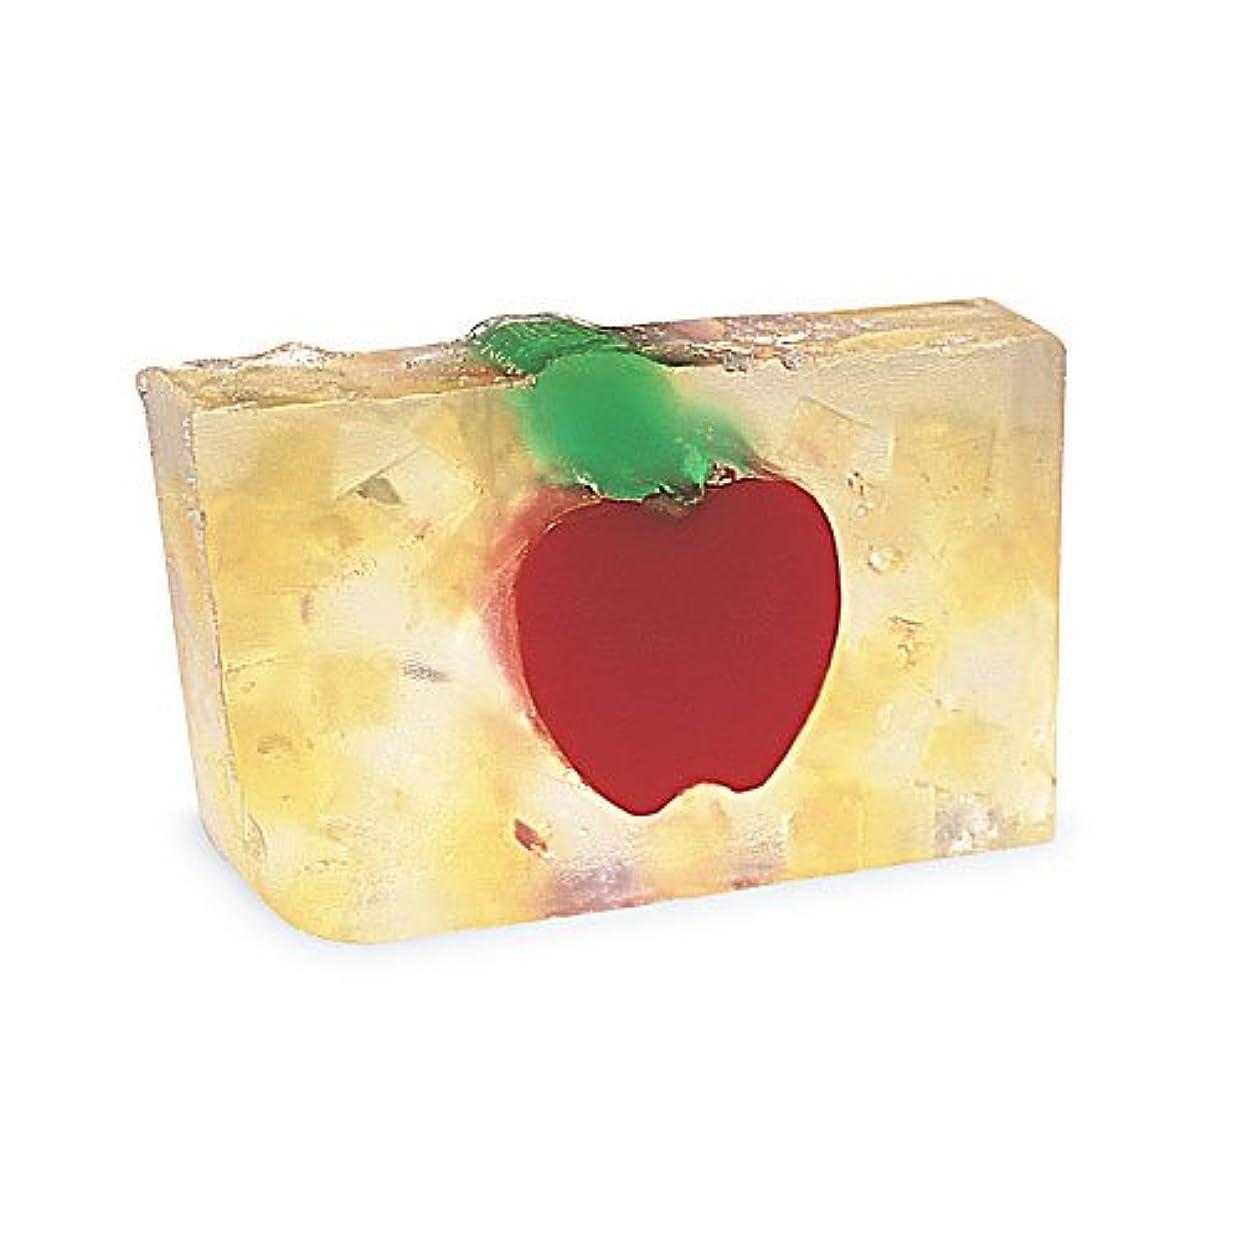 後方申込みヒントプライモールエレメンツ アロマティック ソープ ビッグアップル 180g 植物性 ナチュラル 石鹸 無添加